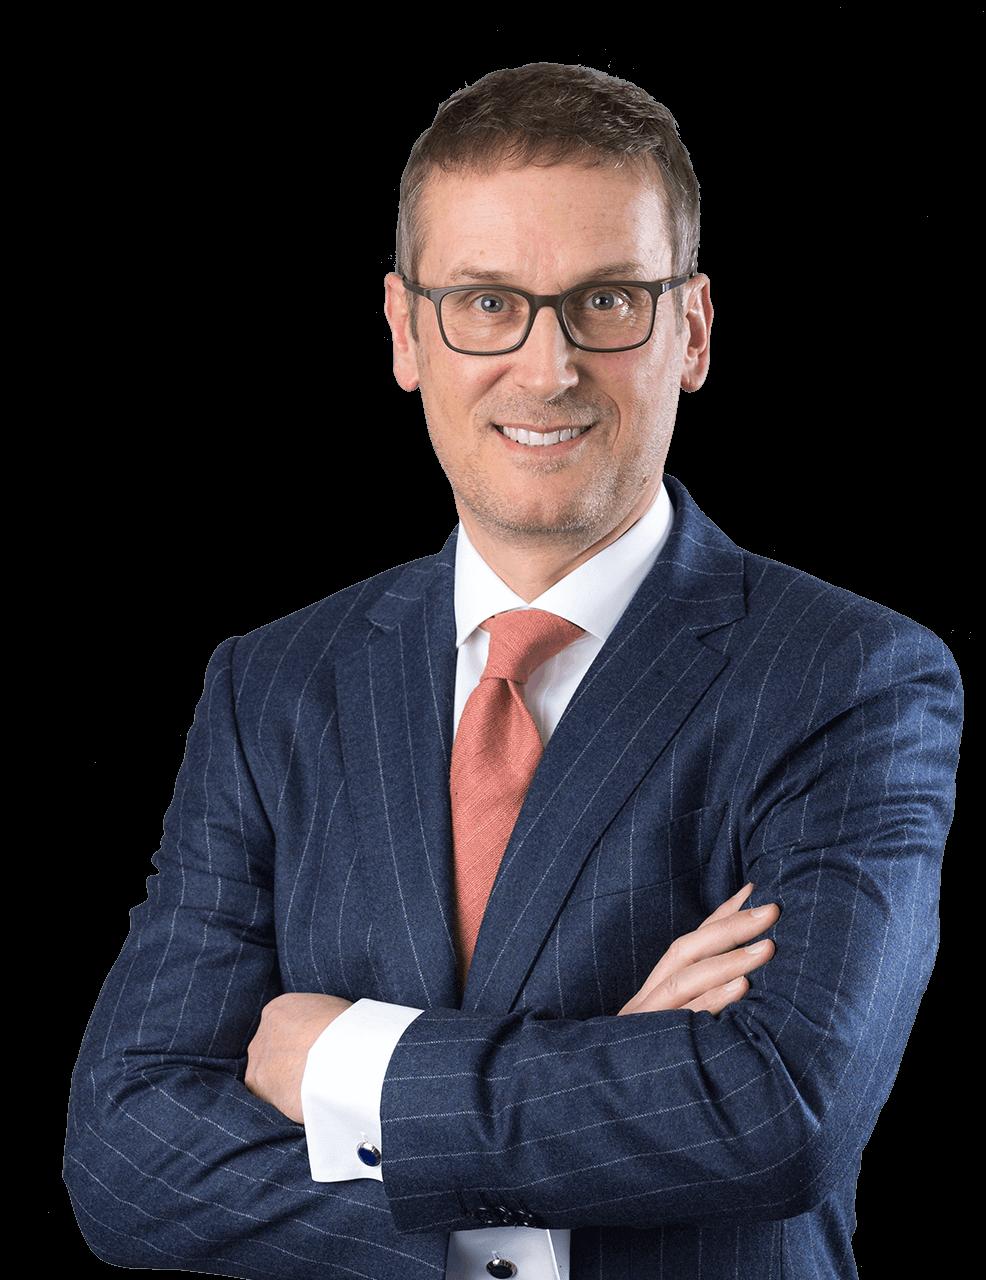 Rechtsanwalt Gerd Frömming aus Magdeburg